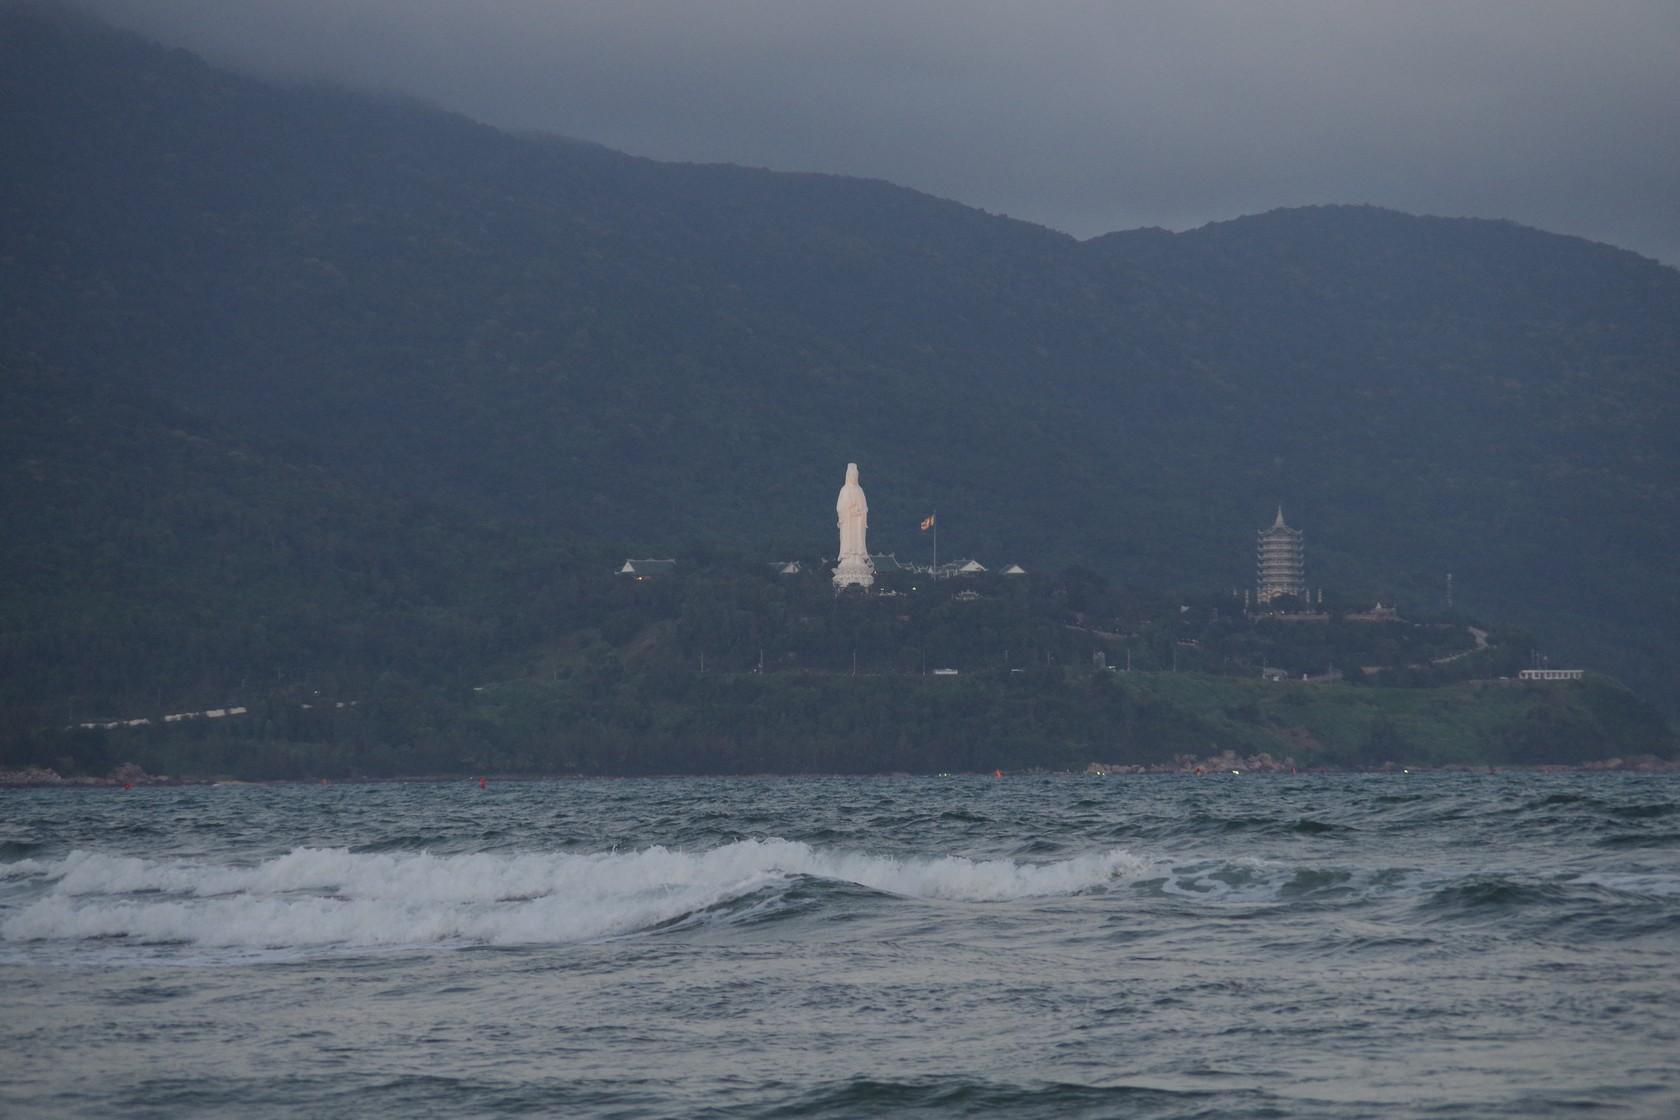 從美溪沙灘遠望山茶半島靈應寺觀音像